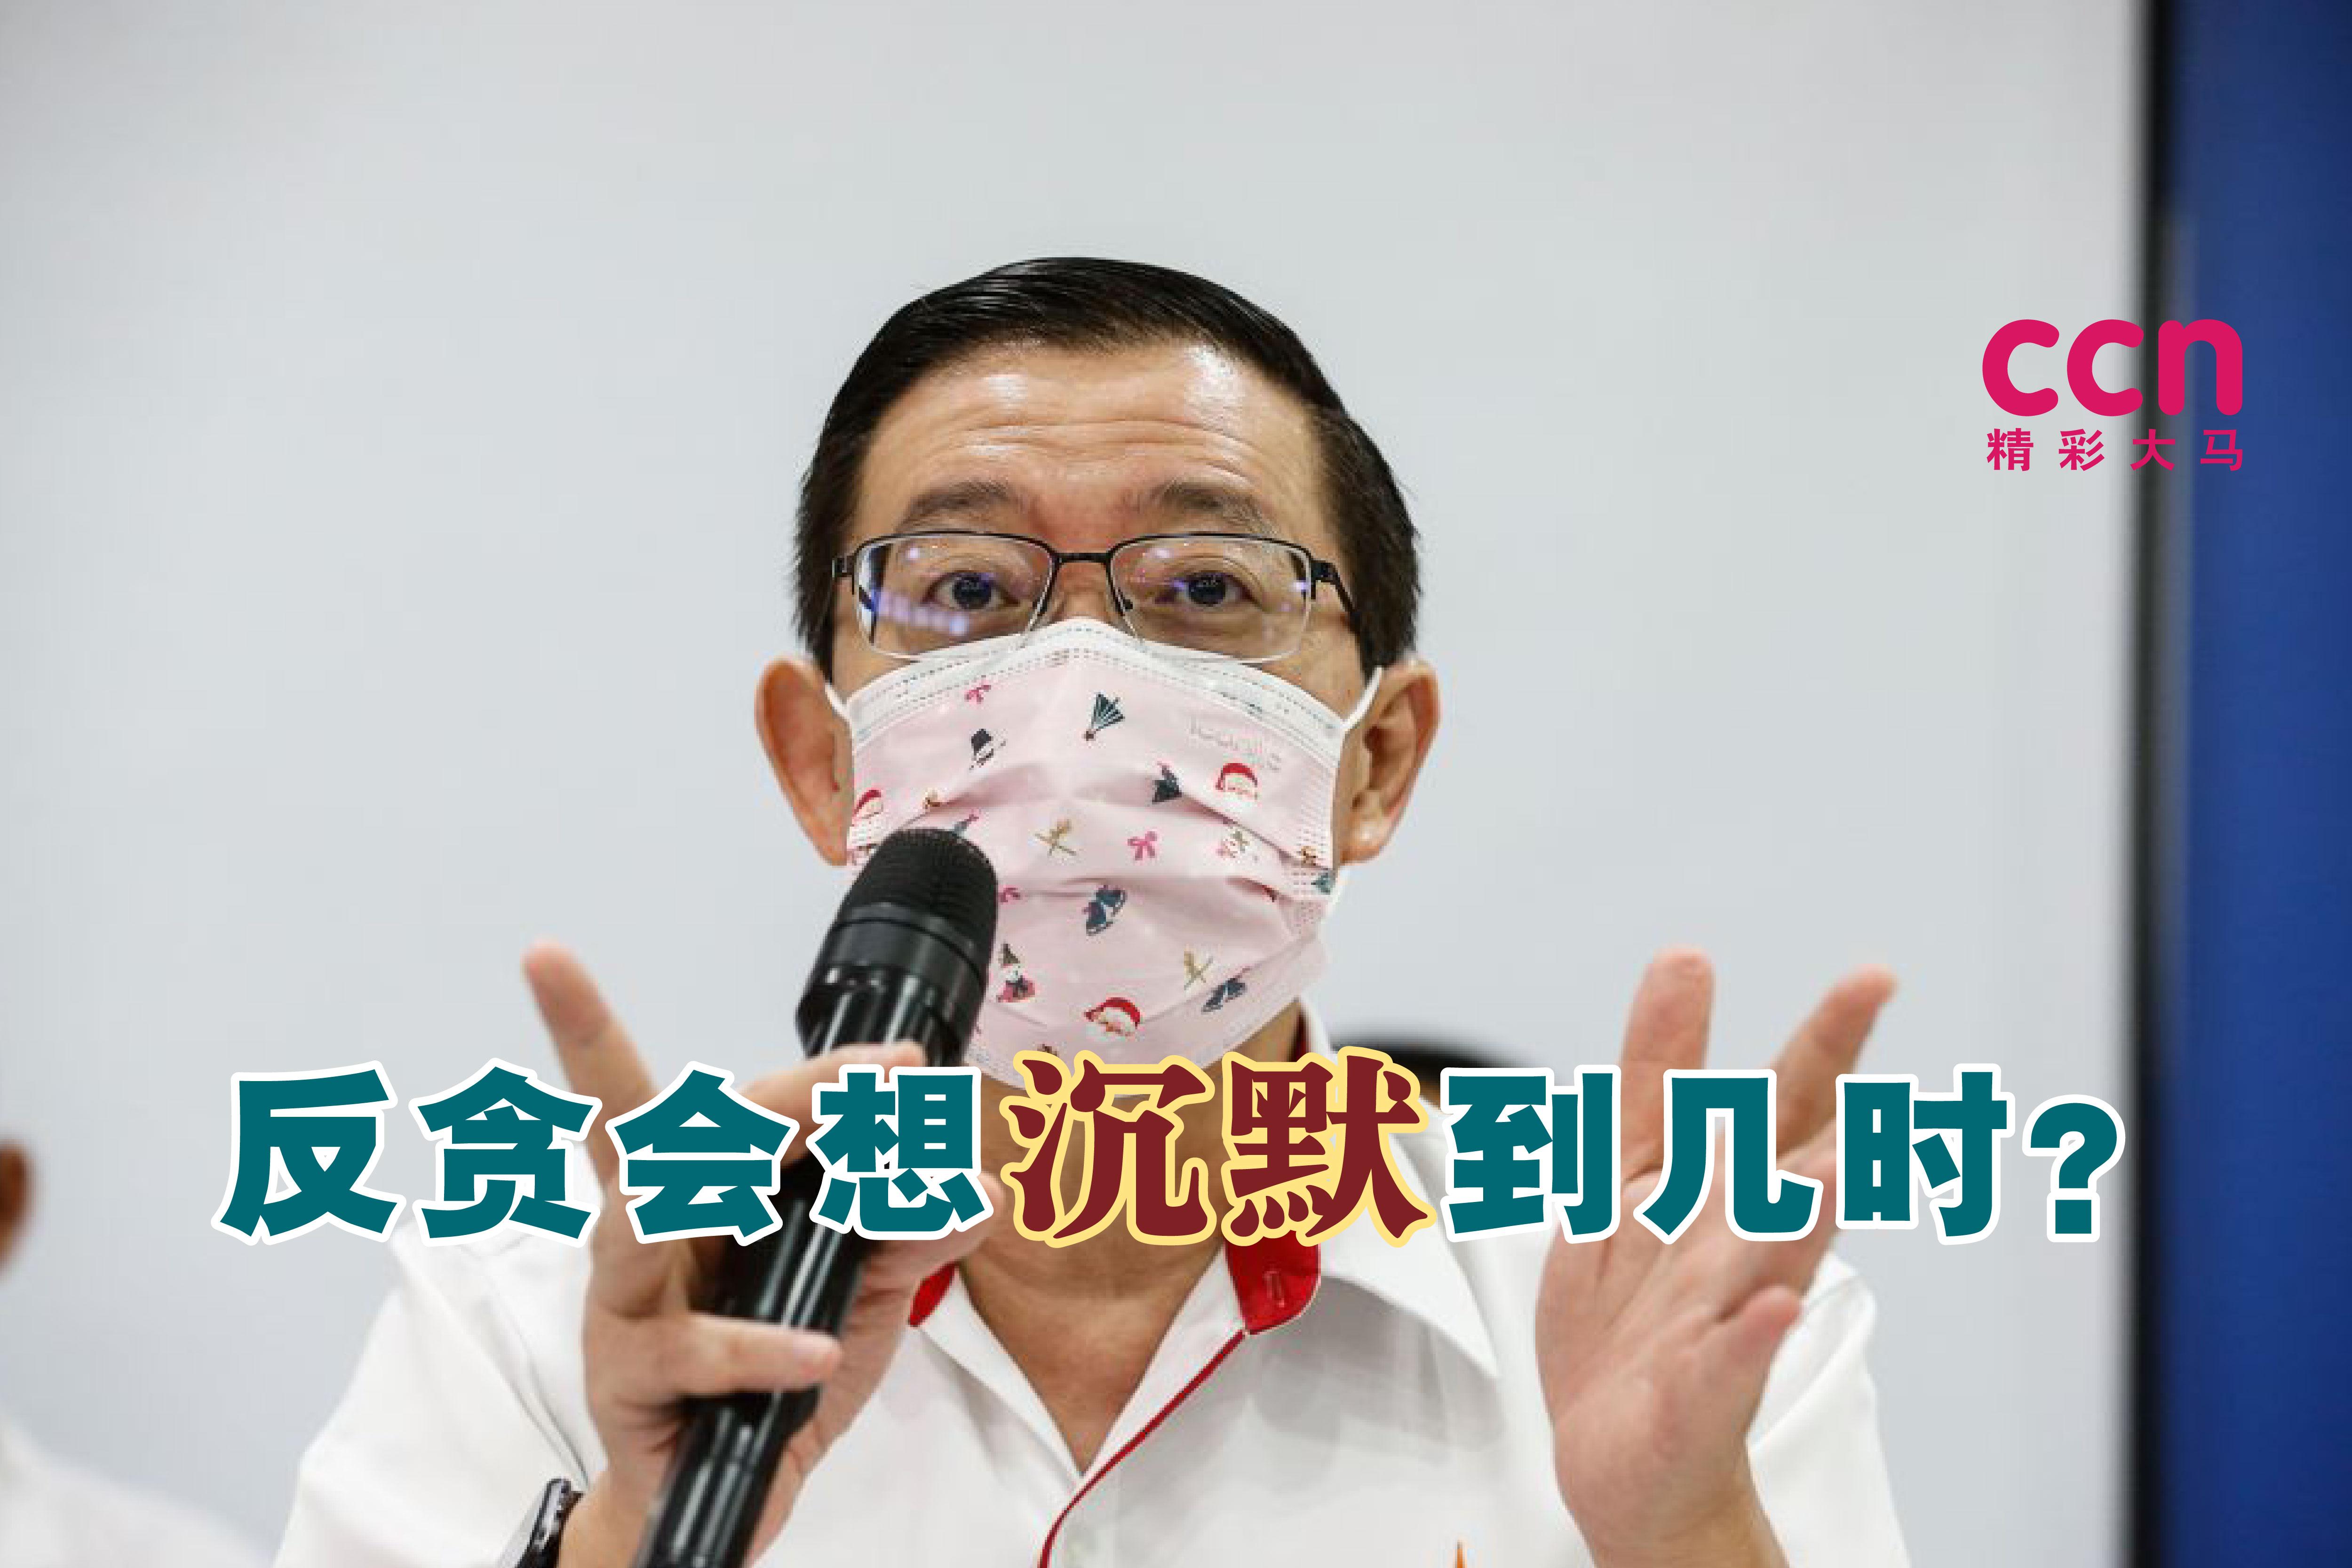 林冠英说,如果反贪会继续对政治贪腐案保持沉默,将失去人民的信任。-Sayuti Zainudin摄-